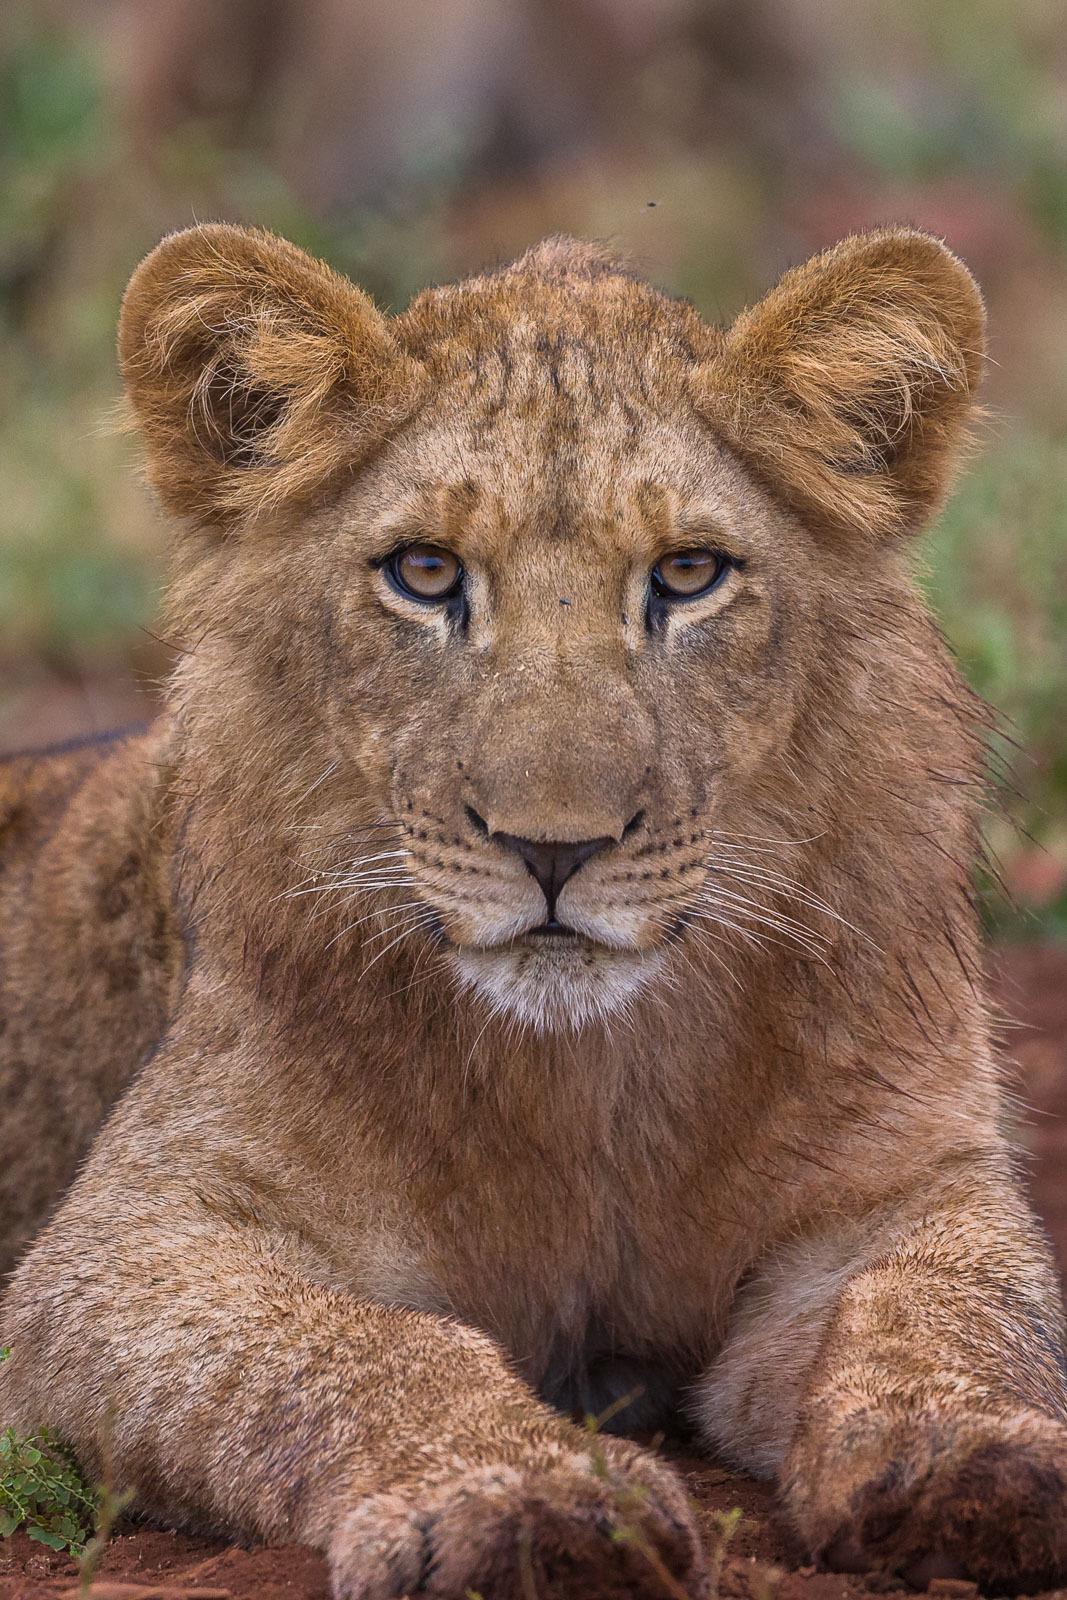 Curious Lioncub